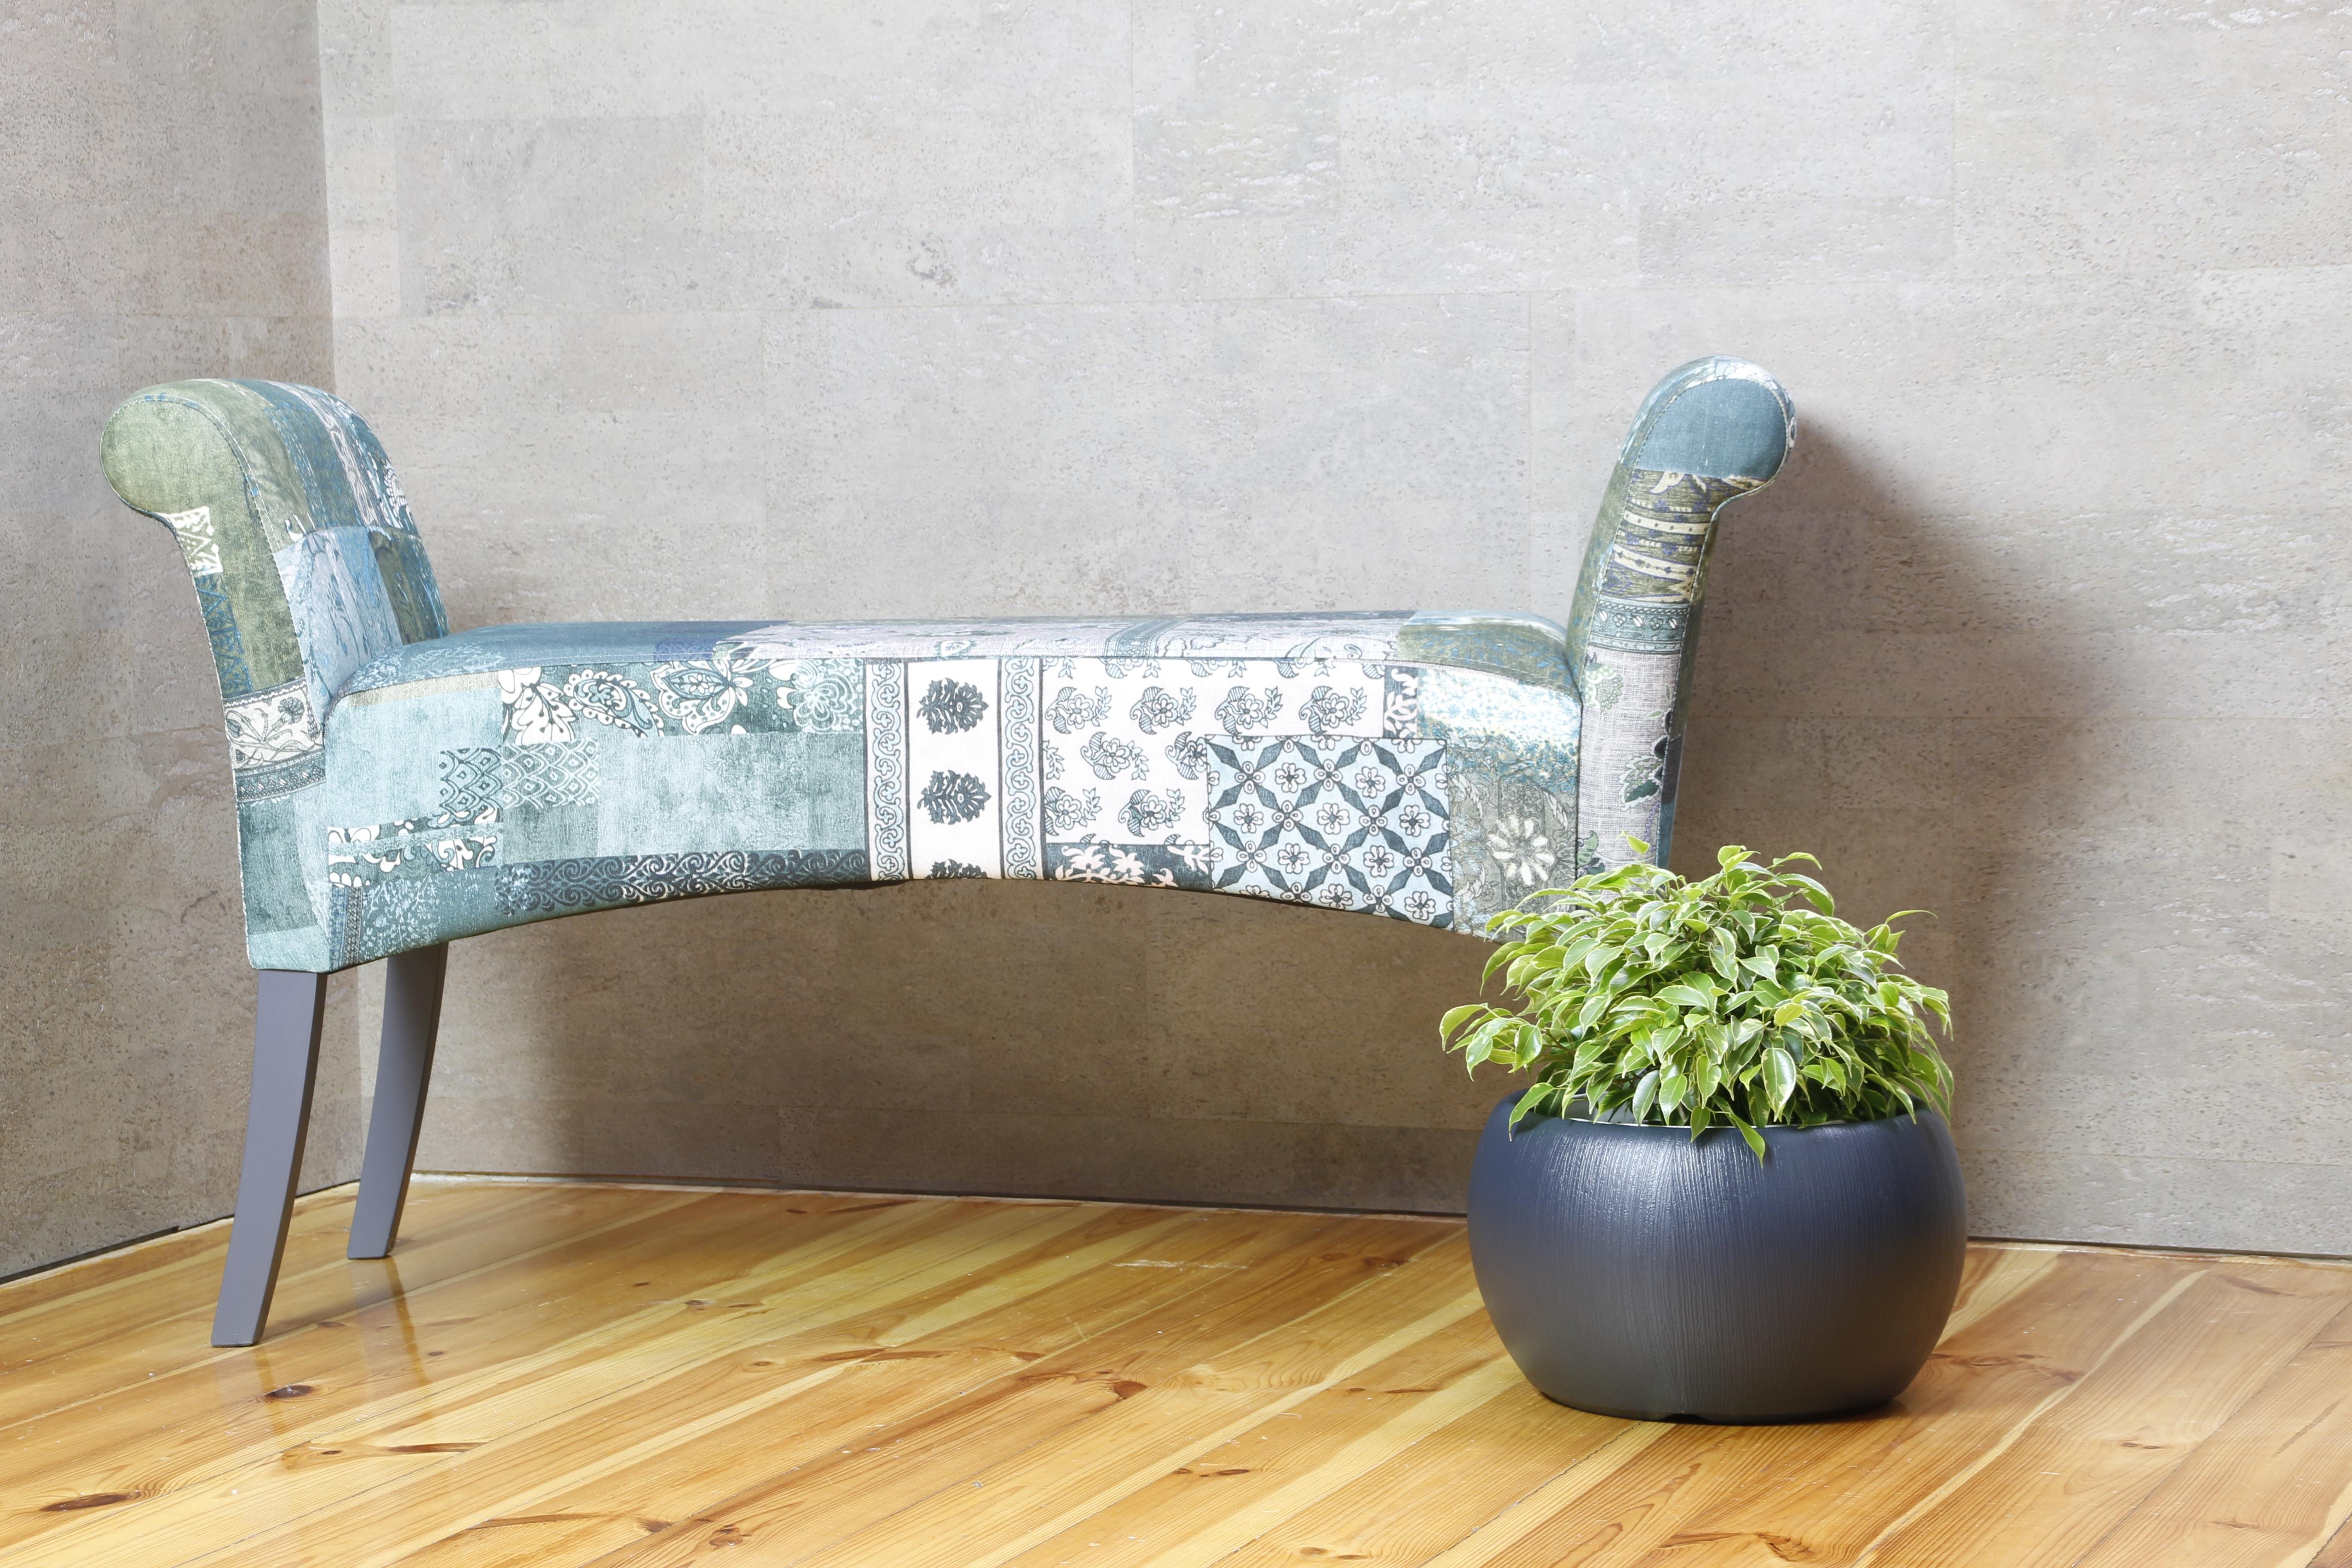 Fotos gratis mesa madera banco flor silla piso fiesta sala mueble decoraci n sof - Ocupar piso de banco ...